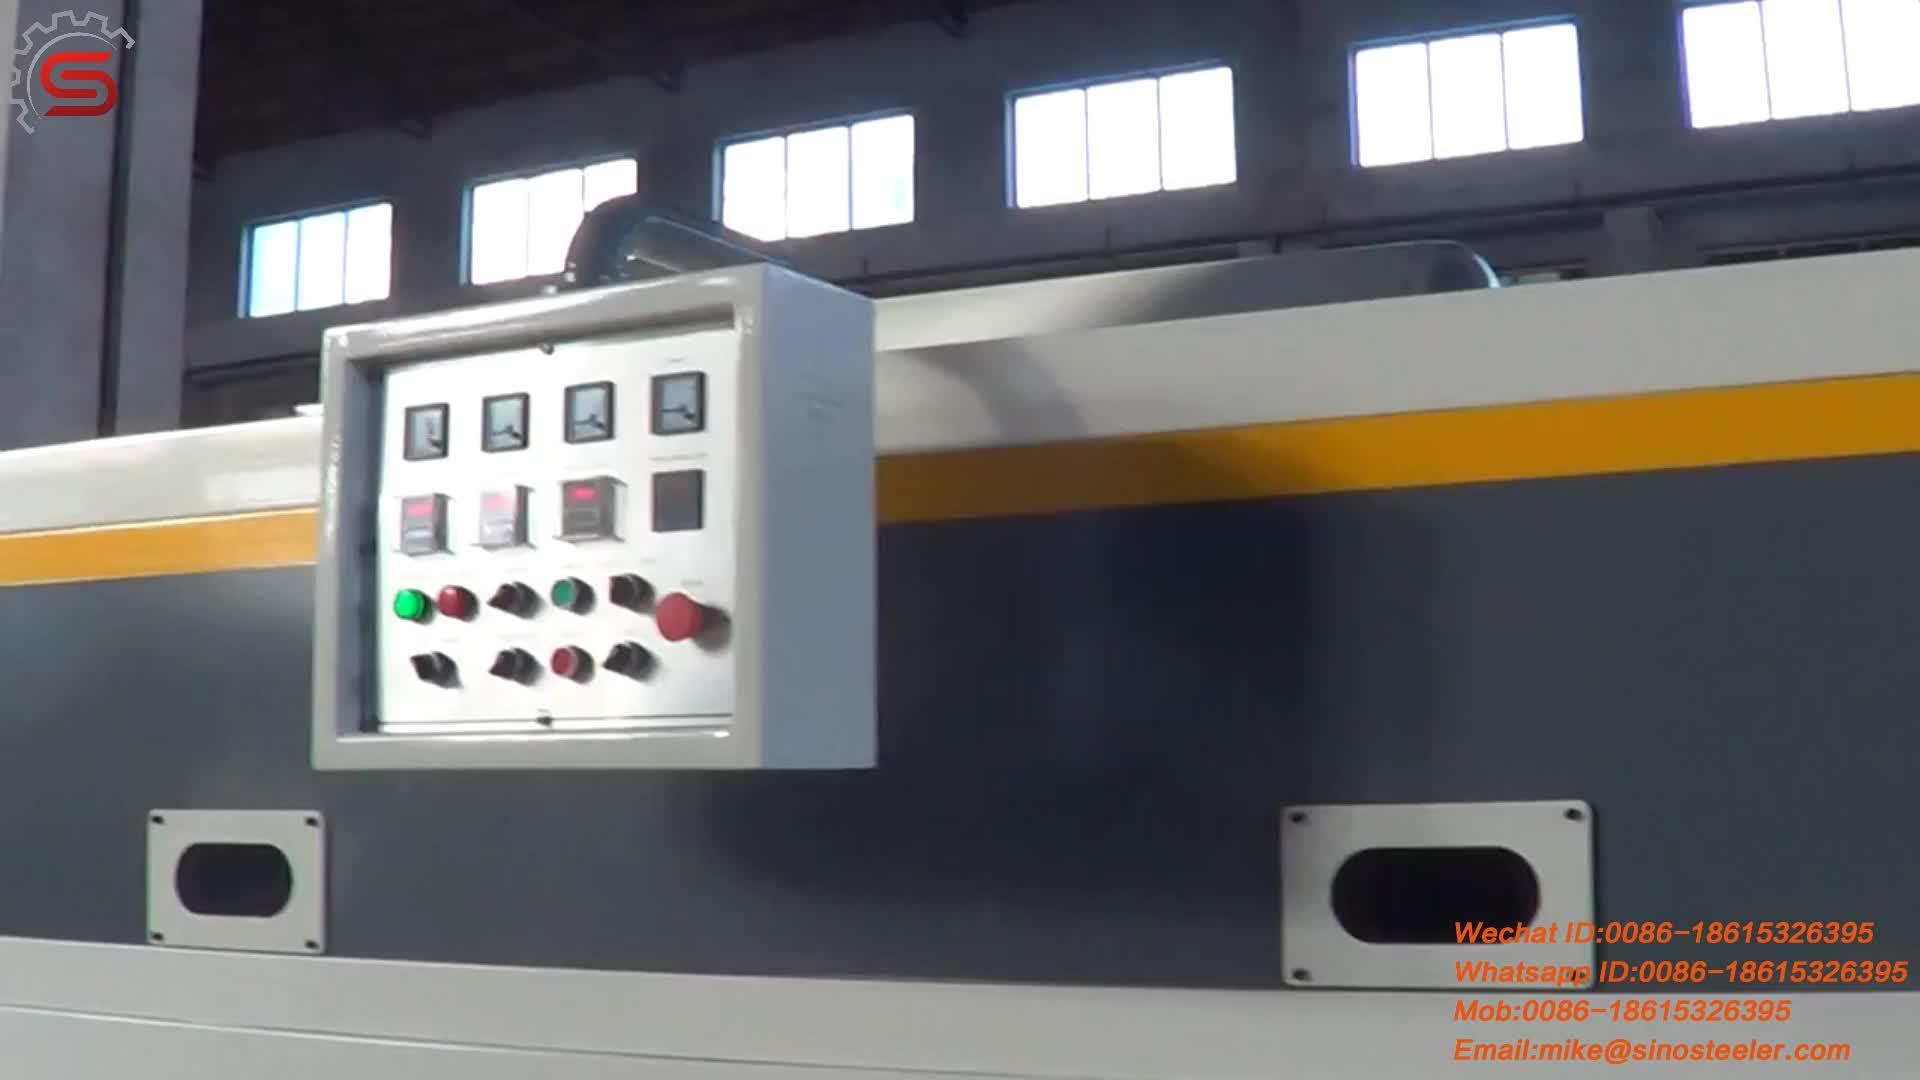 Gemakkelijk om membraan vacuüm persmachine WVP2300A-1Z multiplex lamineermachine voor koop